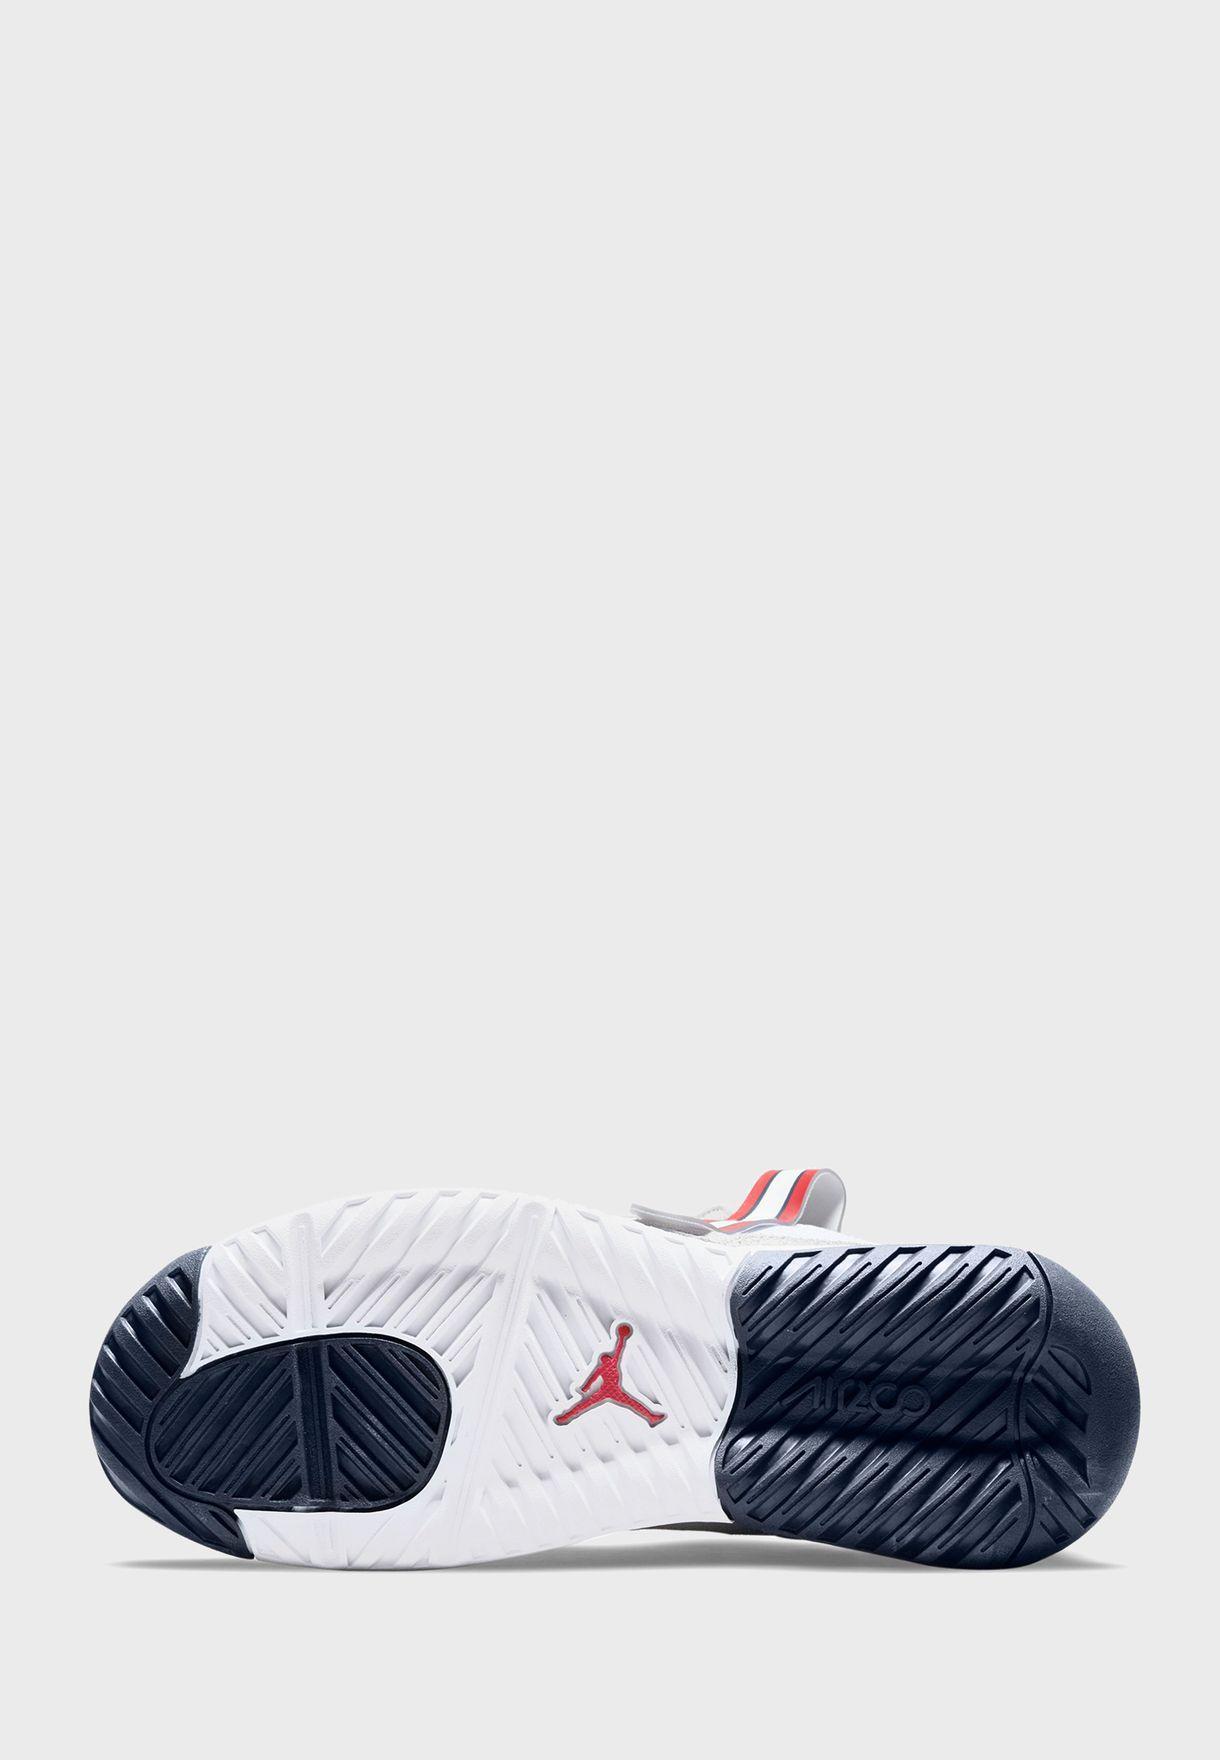 حذاء جوردان ام ايه 2 بي اس جي